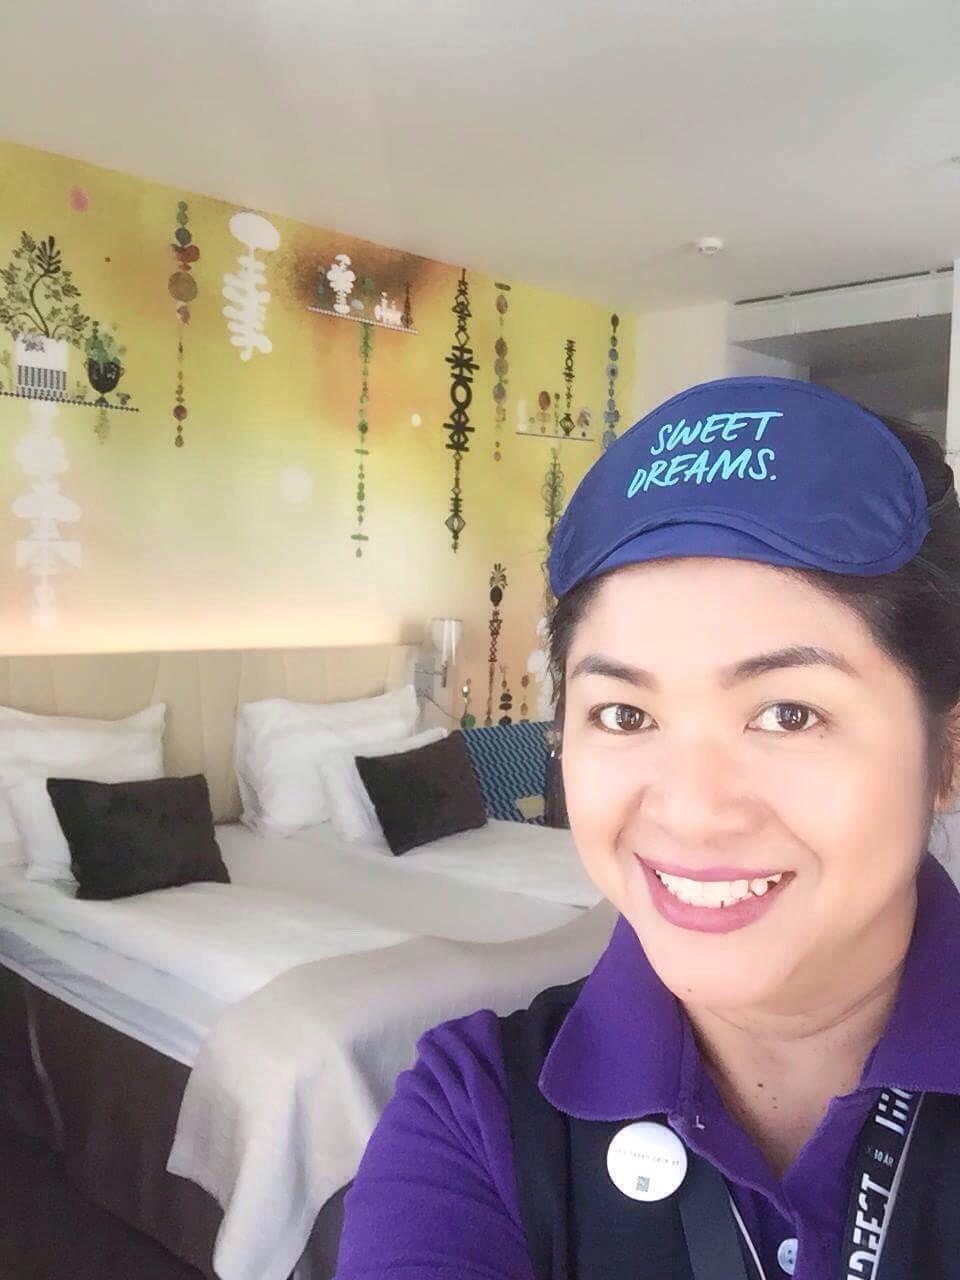 จากข้าราชการจากไทยผันชีวิตมาเป็นแม่บ้านโรงแรมที่นอร์เวย์